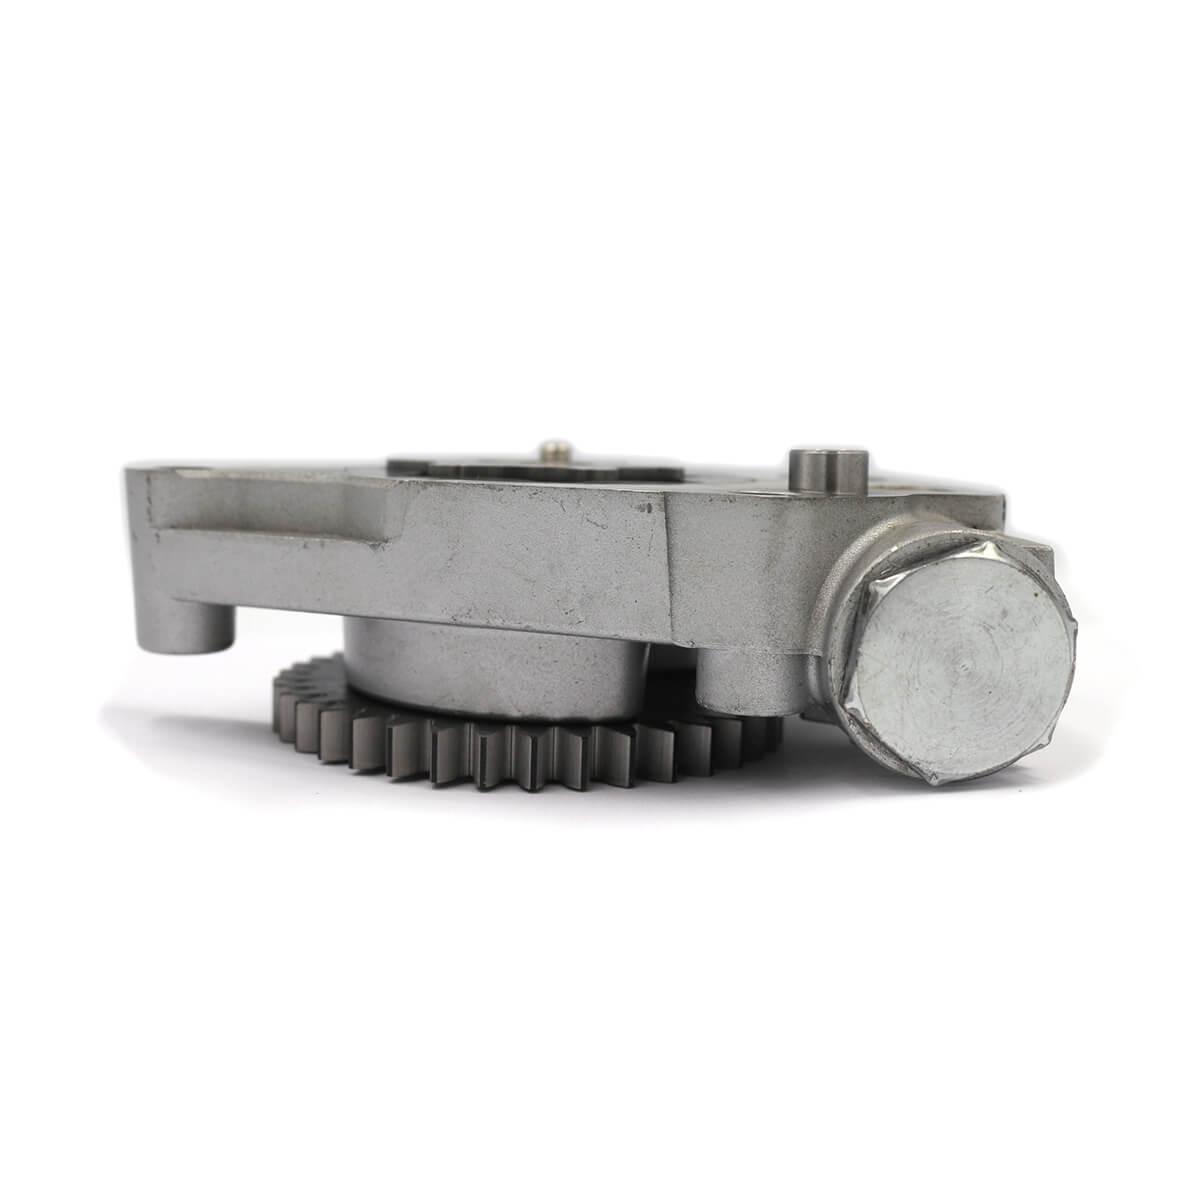 Bomba de Óleo do Motor DieselMax 444/448 320/04186 32004186